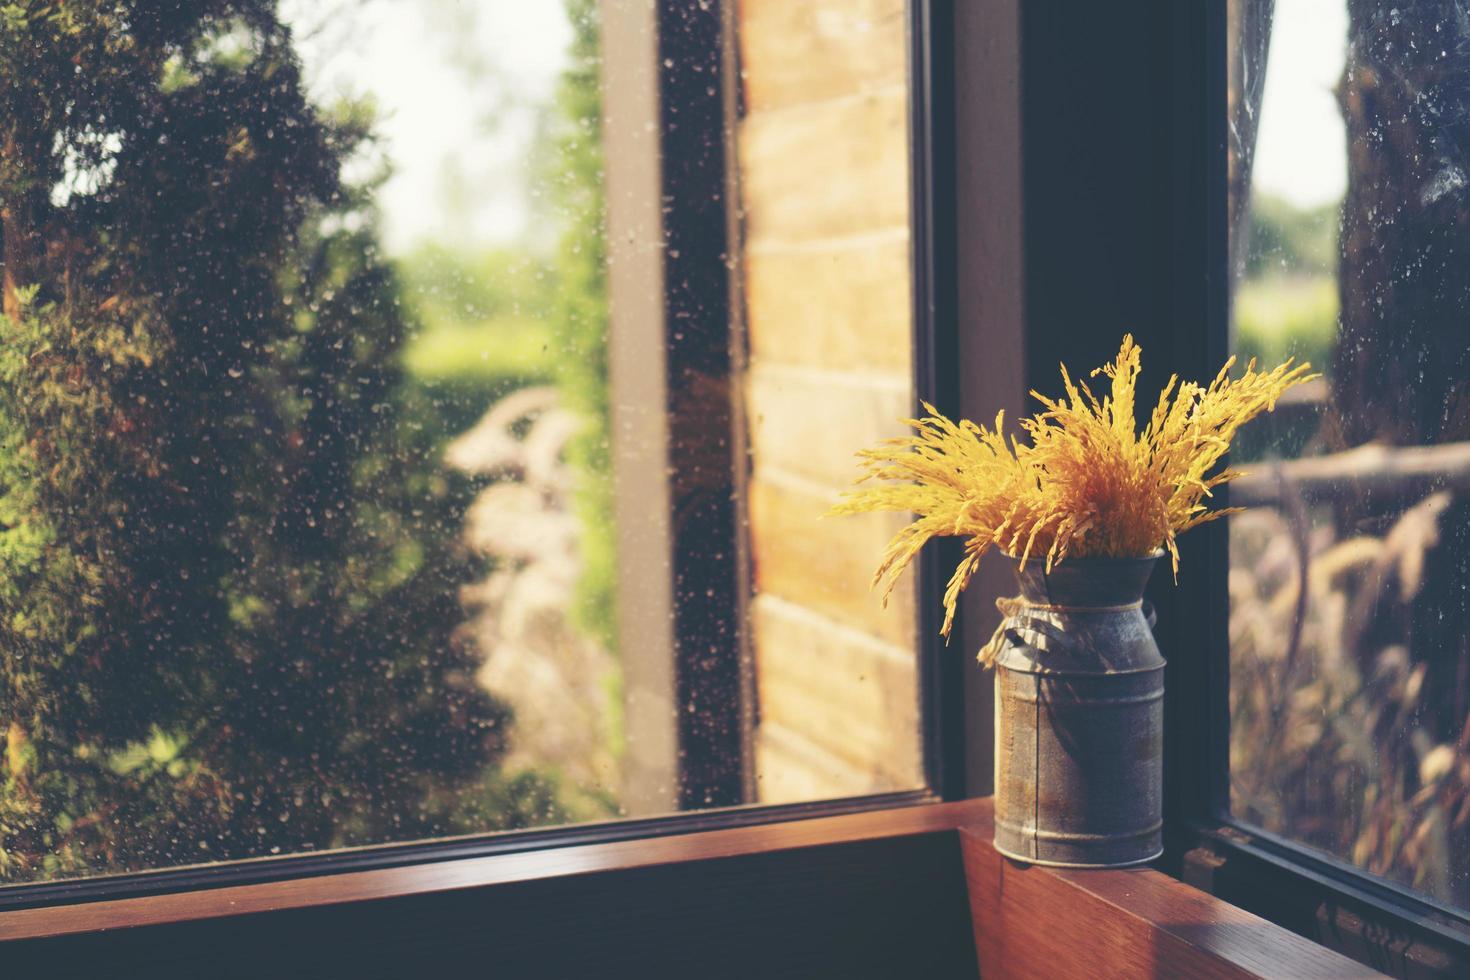 flores secas em um vaso foto